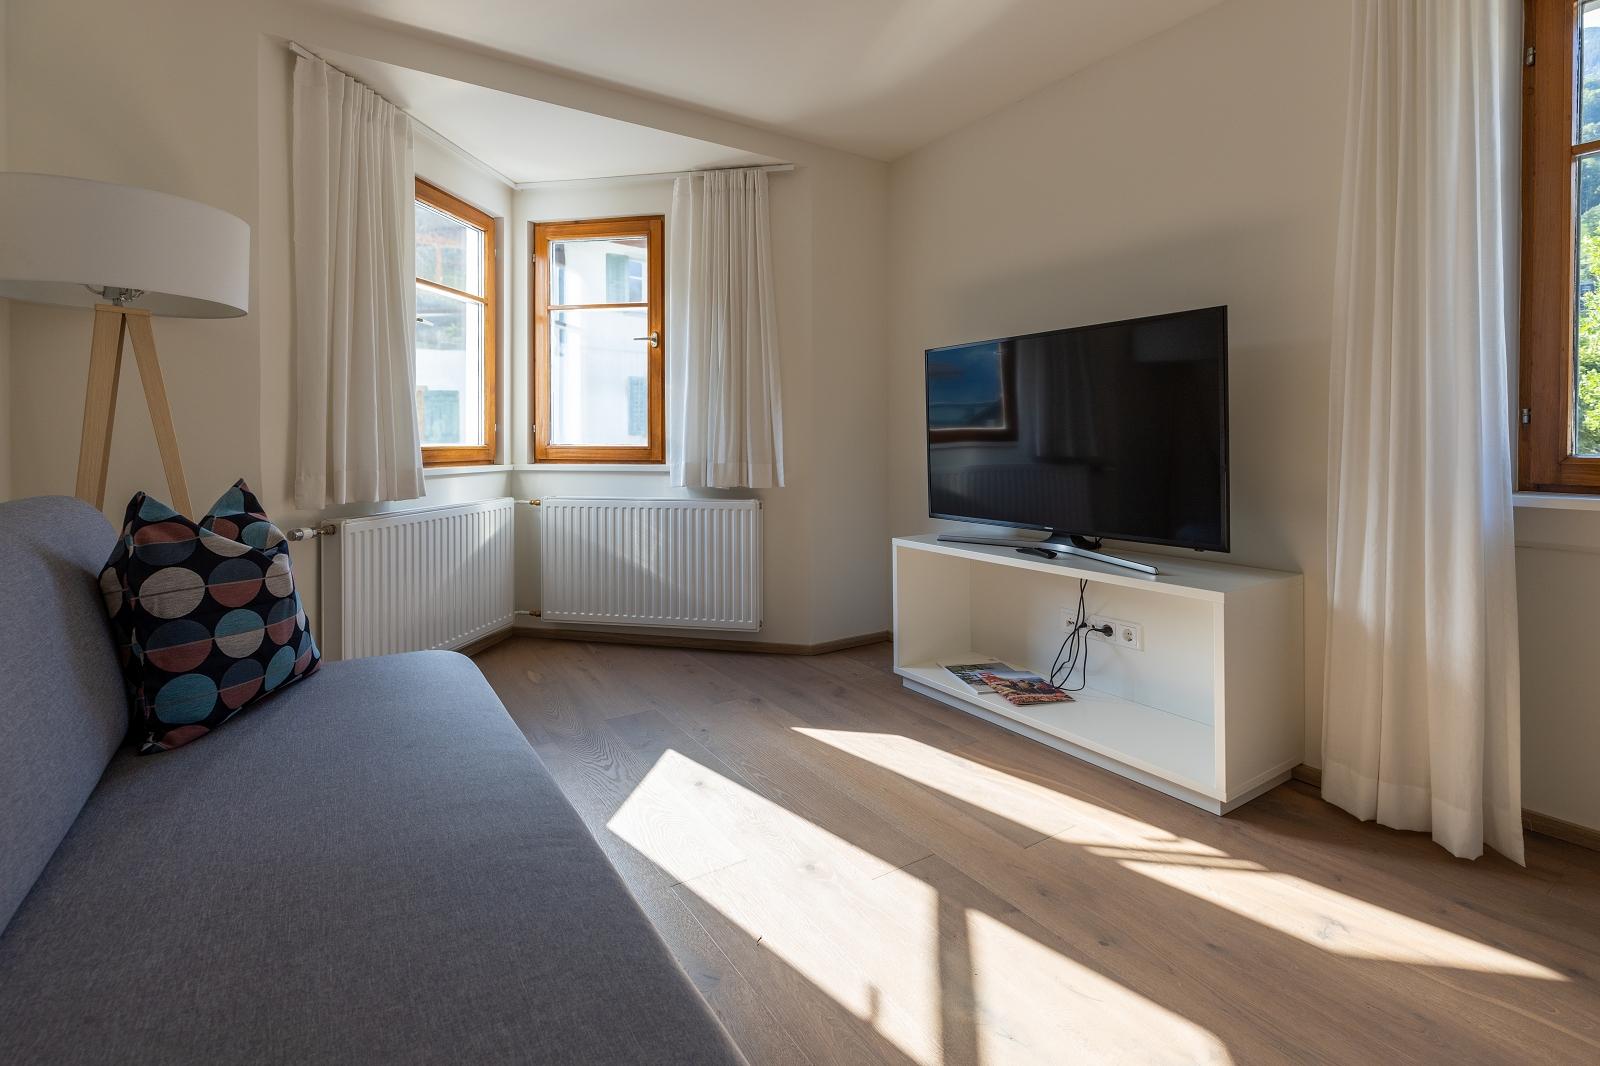 Villa Blau Apartement 2 Wohnzimmer